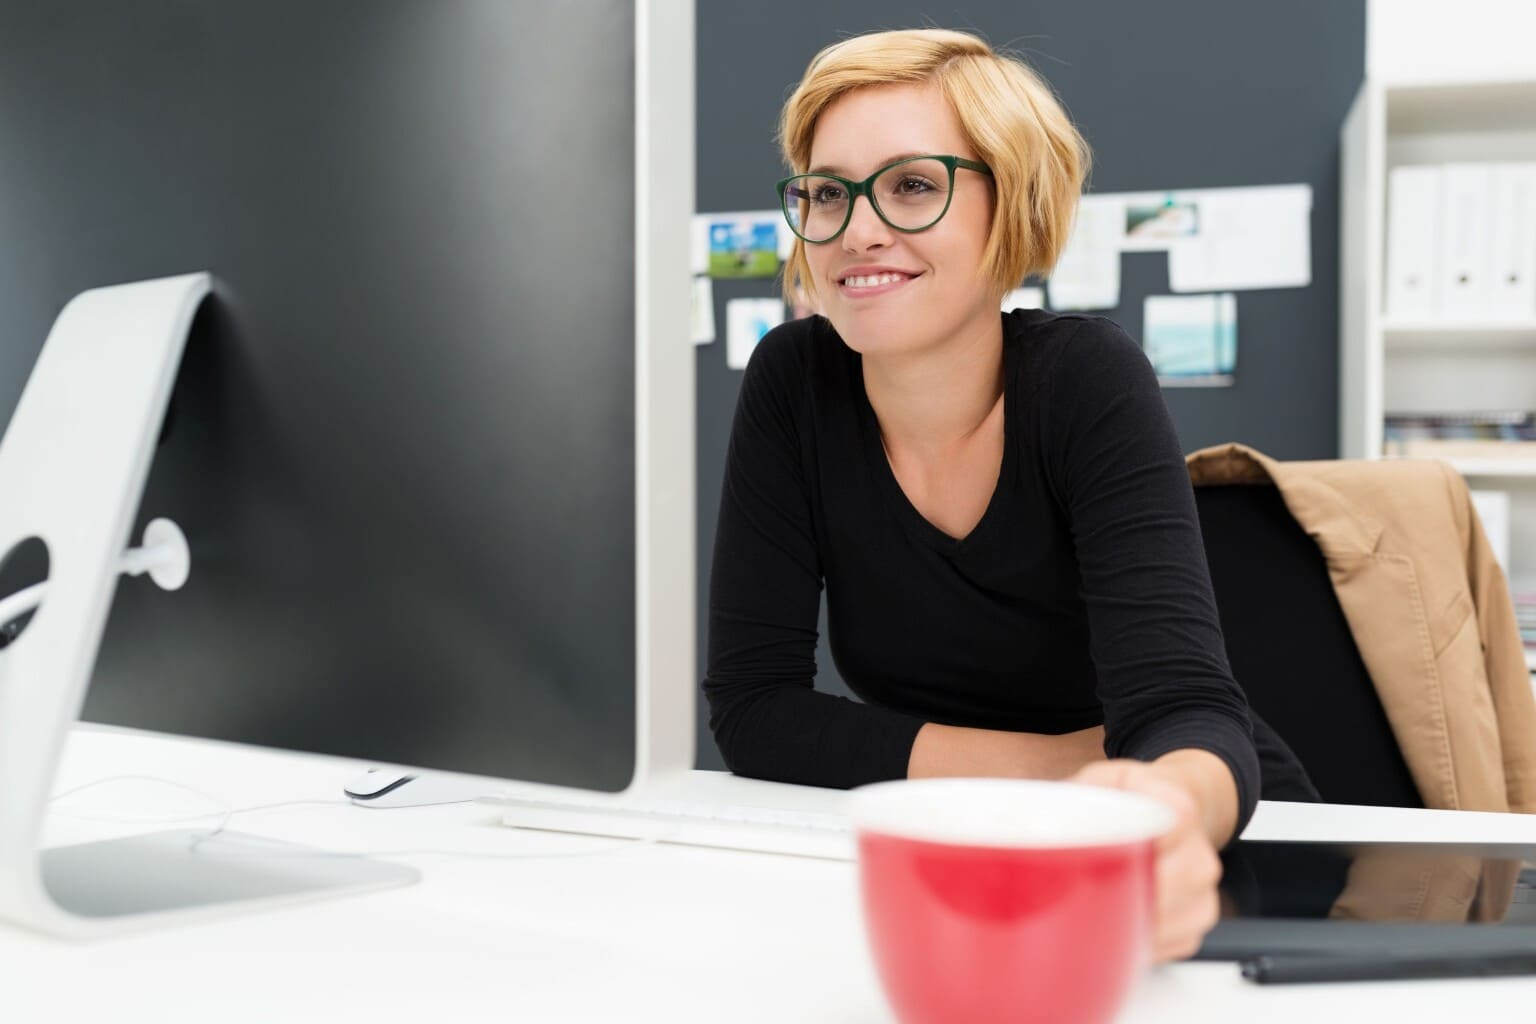 Vrouw bekijkt vaste activa op scherm